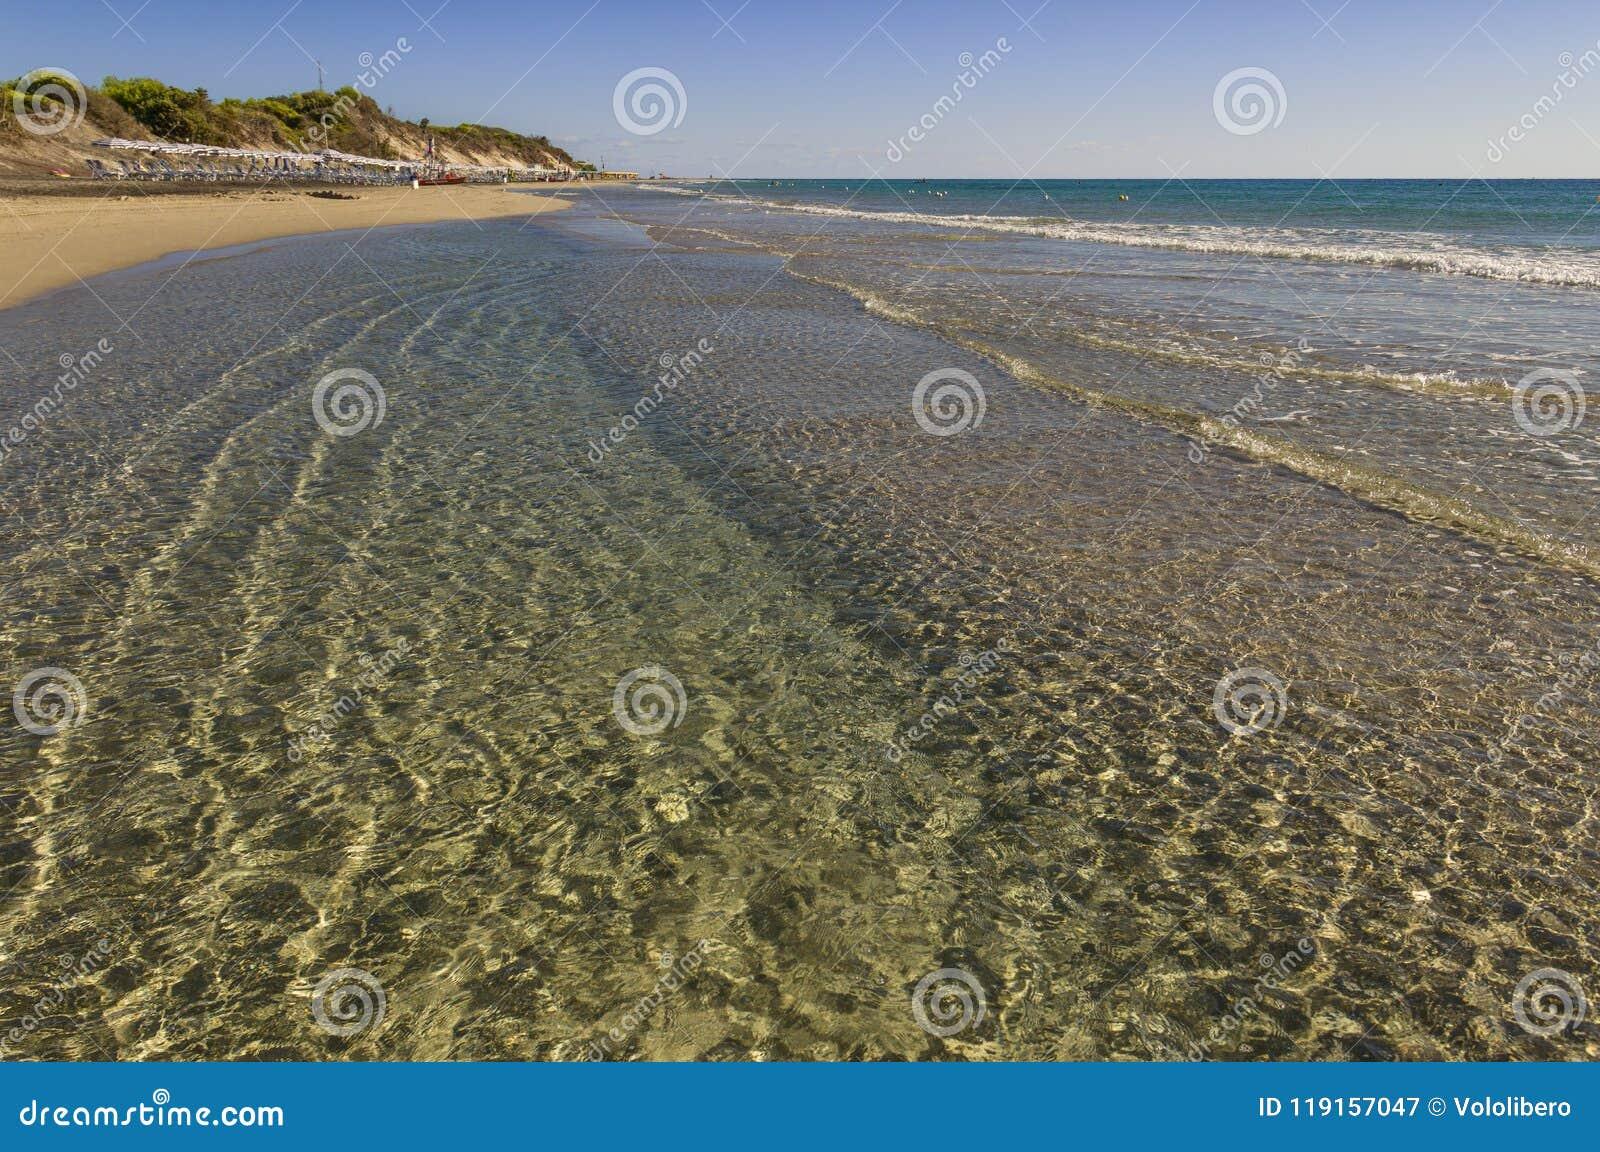 Lato Piękne piasek plaże Apulia: Alimini zatoka, Salento wybrzeże Włochy Lecka Ja jest szerokim piaskowatym brzegowym protecte